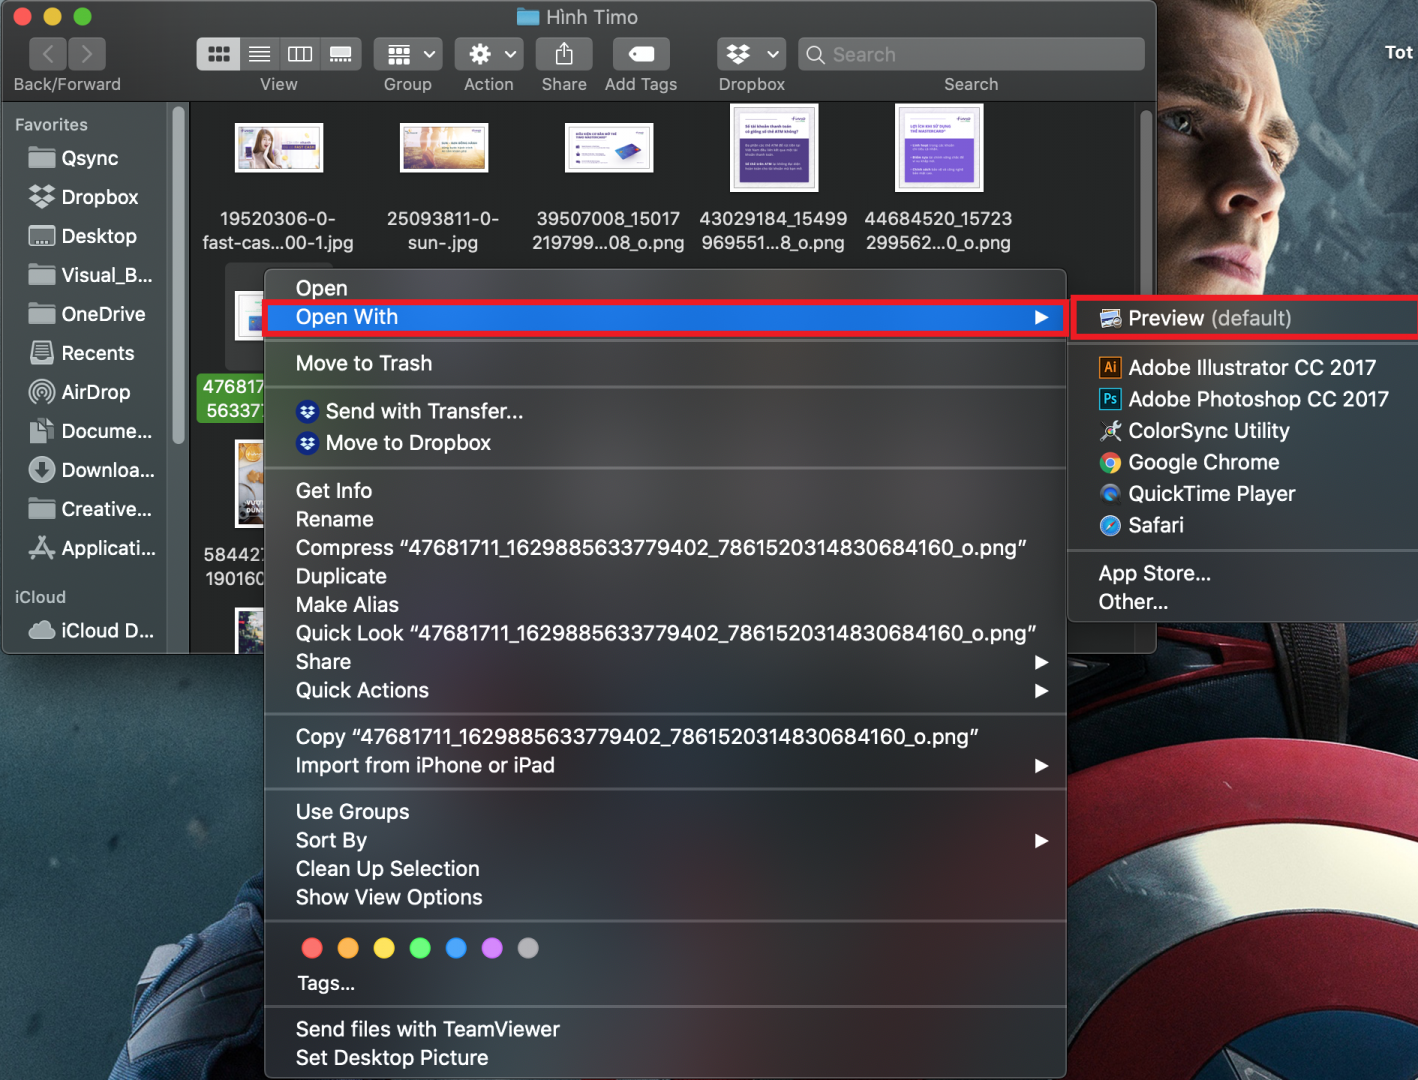 Mở ảnh ở chế độ Preview trên MacOS